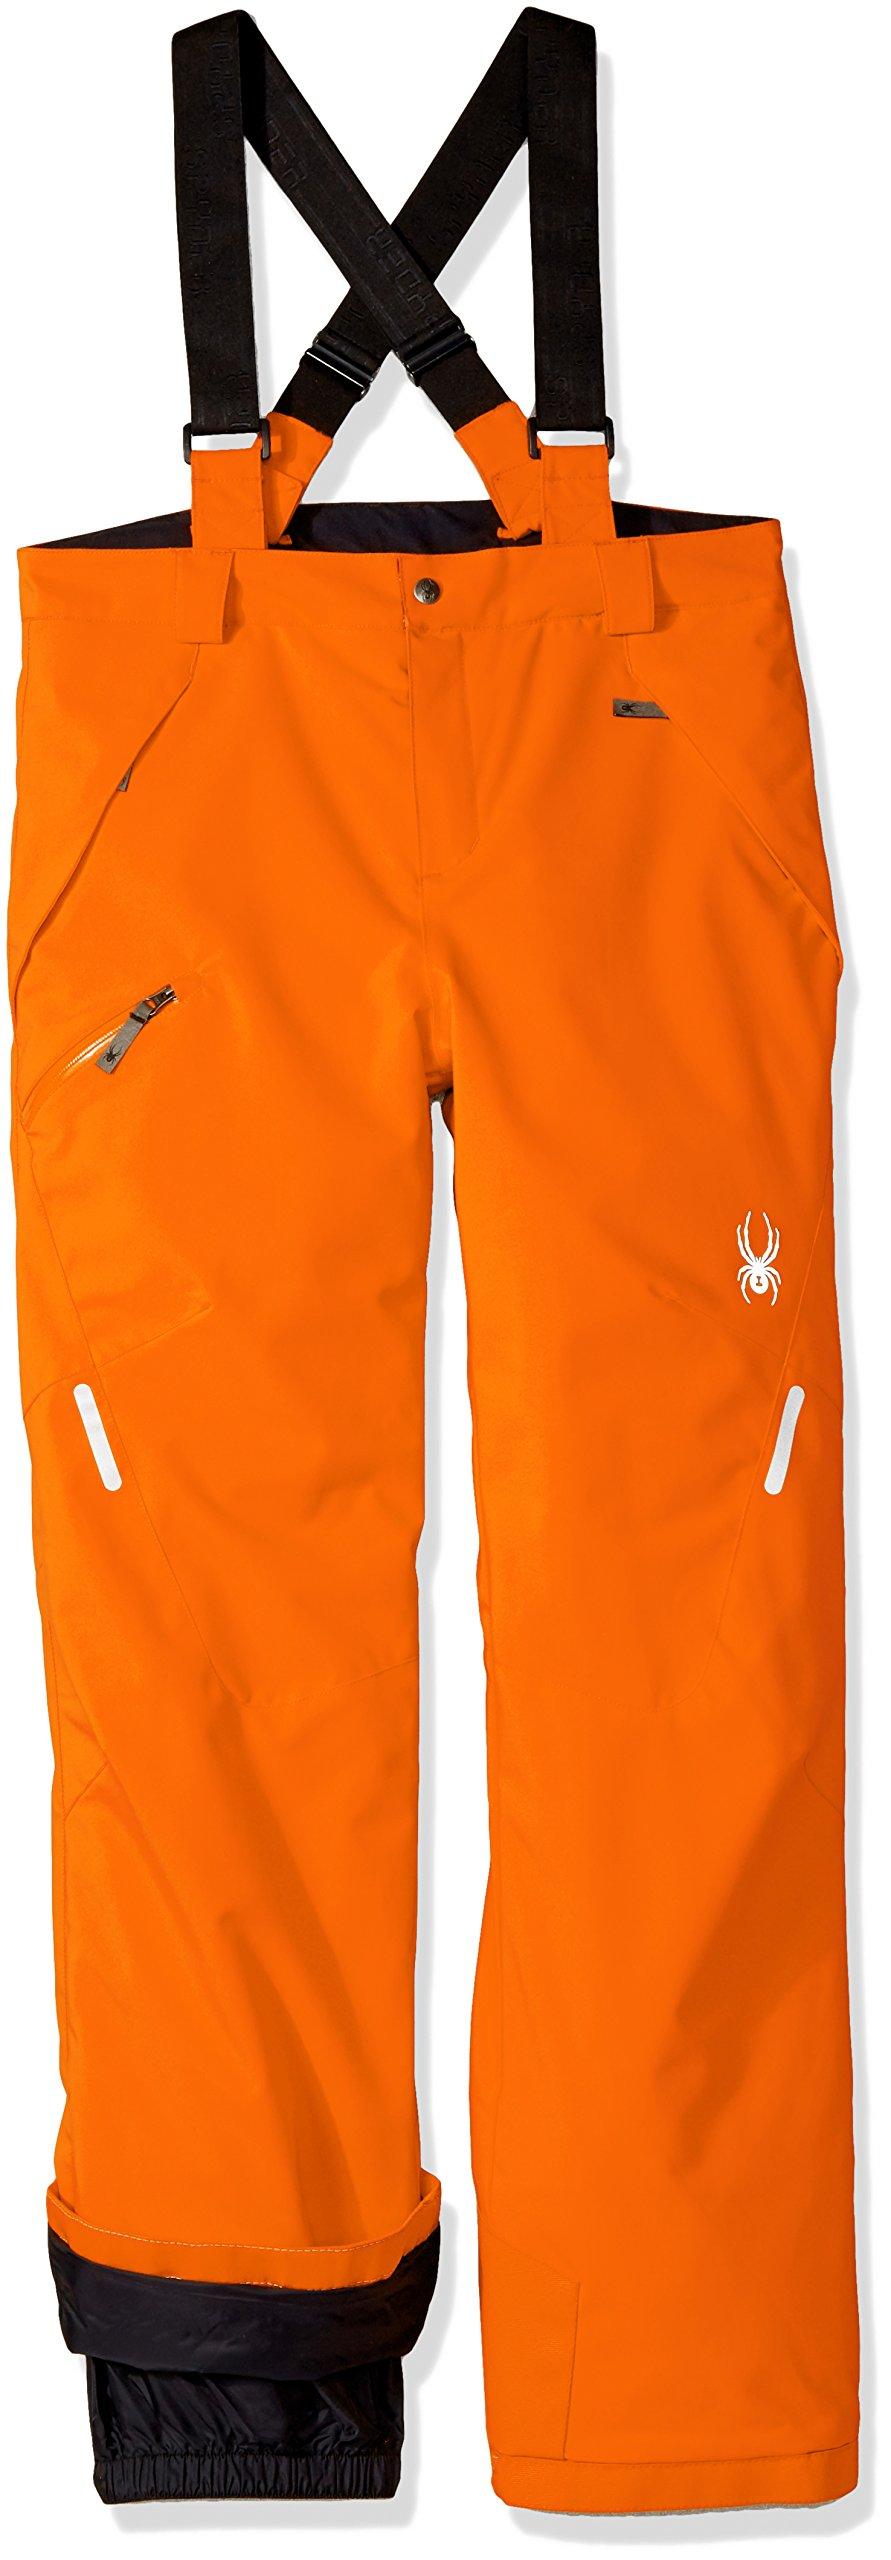 Spyder Boy's Propulsion Ski Pant, Burst, Size 18